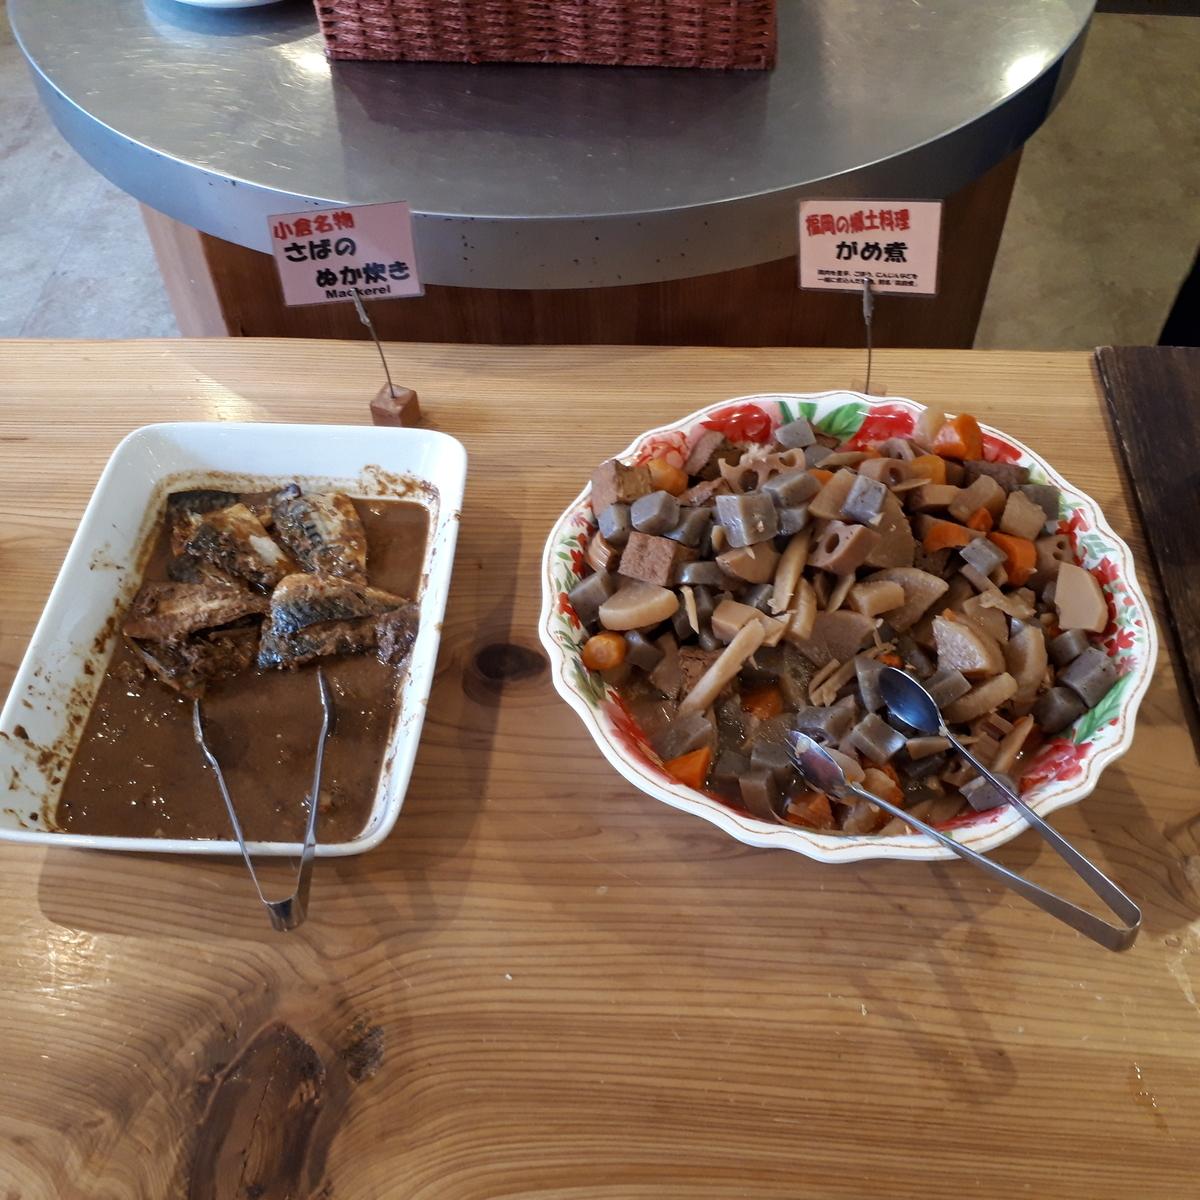 西鉄イン小倉 朝食 がめ煮 さばのぬか炊き